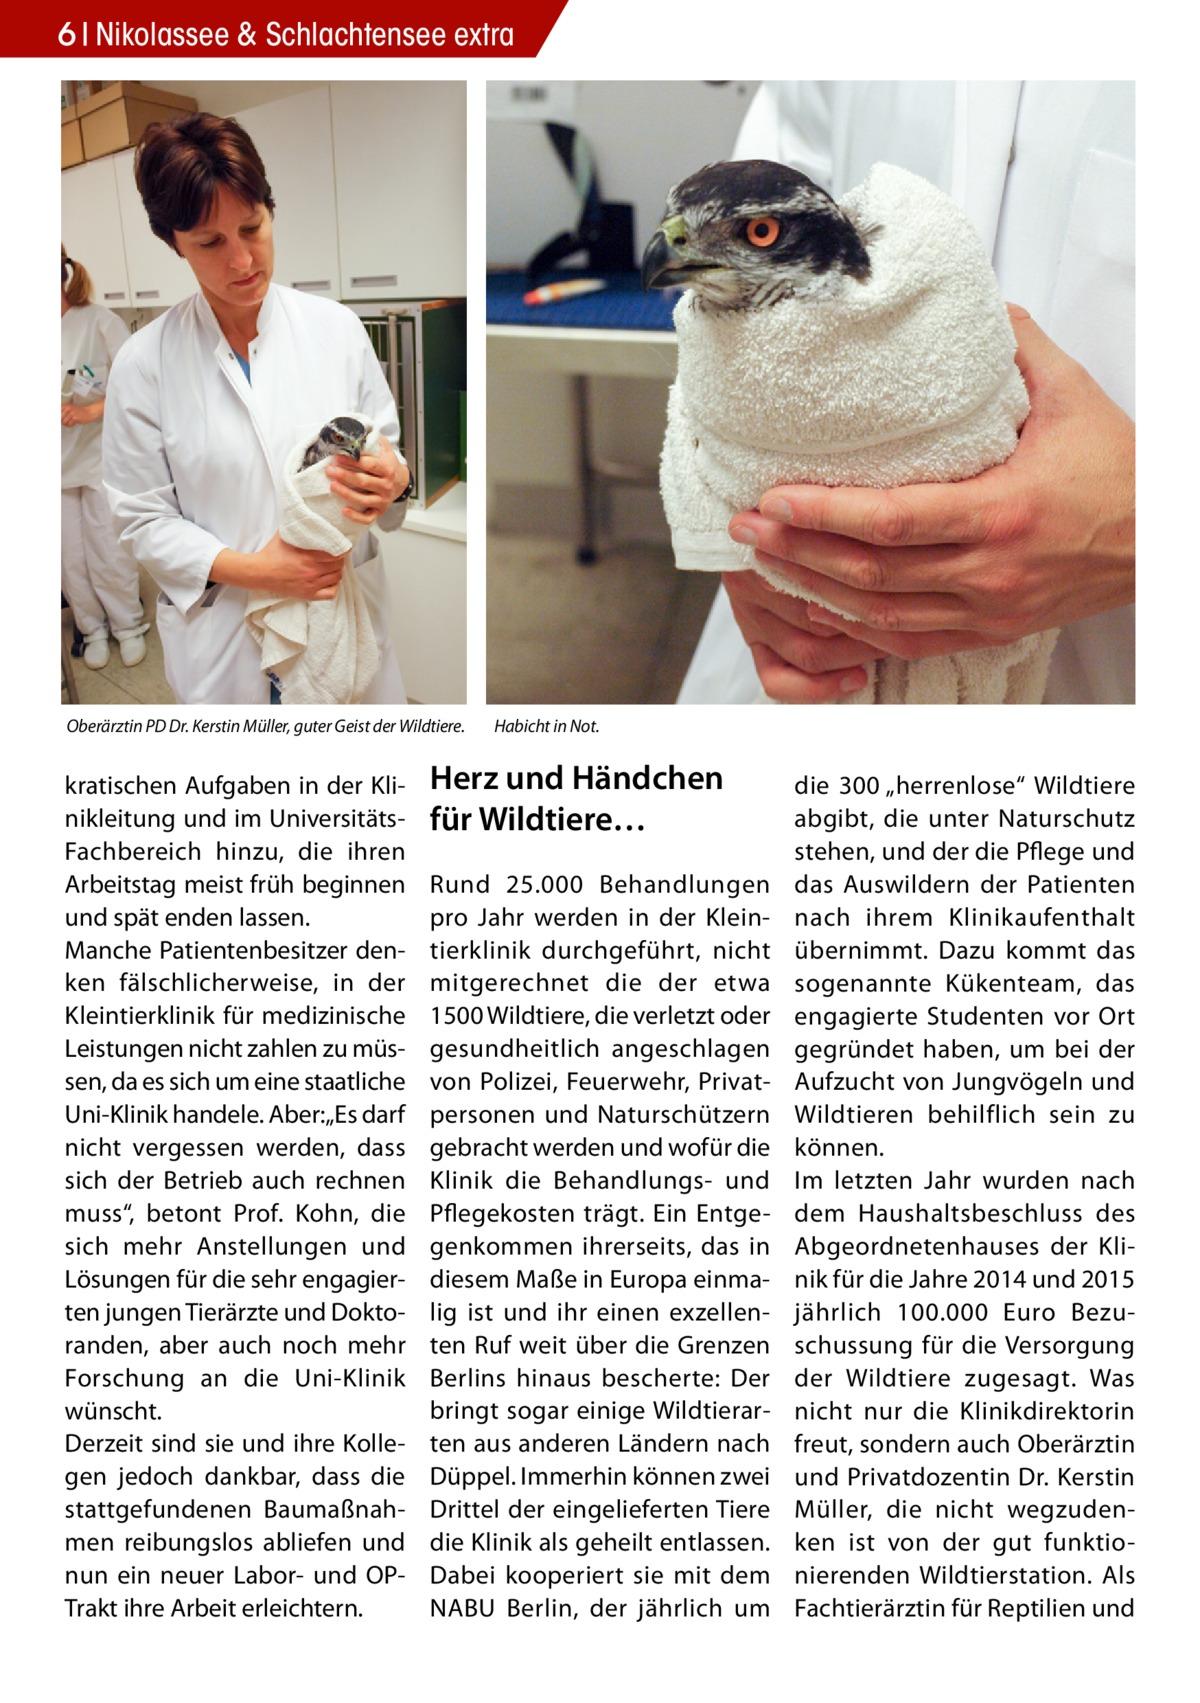 """6 Nikolassee & Schlachtensee extra  Oberärztin PD Dr. Kerstin Müller, guter Geist der Wildtiere.  kratischen Aufgaben in der Klinikleitung und im UniversitätsFachbereich hinzu, die ihren Arbeitstag meist früh beginnen und spät enden lassen. Manche Patientenbesitzer denken fälschlicherweise, in der Kleintierklinik für medizinische Leistungen nicht zahlen zu müssen, da es sich um eine staatliche Uni-Klinik handele. Aber:""""Es darf nicht vergessen werden, dass sich der Betrieb auch rechnen muss"""", betont Prof. Kohn, die sich mehr Anstellungen und Lösungen für die sehr engagierten jungen Tierärzte und Doktoranden, aber auch noch mehr Forschung an die Uni-Klinik wünscht. Derzeit sind sie und ihre Kollegen jedoch dankbar, dass die stattgefundenen Baumaßnahmen reibungslos abliefen und nun ein neuer Labor- und OPTrakt ihre Arbeit erleichtern.  Habicht in Not.  Herz und Händchen für Wildtiere… Rund 25.000 Behandlungen pro Jahr werden in der Kleintierklinik durchgeführt, nicht mitgerechnet die der etwa 1500 Wildtiere, die verletzt oder gesundheitlich angeschlagen von Polizei, Feuerwehr, Privatpersonen und Naturschützern gebracht werden und wofür die Klinik die Behandlungs- und Pflegekosten trägt. Ein Entgegenkommen ihrerseits, das in diesem Maße in Europa einmalig ist und ihr einen exzellenten Ruf weit über die Grenzen Berlins hinaus bescherte: Der bringt sogar einige Wildtierarten aus anderen Ländern nach Düppel. Immerhin können zwei Drittel der eingelieferten Tiere die Klinik als geheilt entlassen. Dabei kooperiert sie mit dem NABU Berlin, der jährlich um  die 300 """"herrenlose"""" Wildtiere abgibt, die unter Naturschutz stehen, und der die Pflege und das Auswildern der Patienten nach ihrem Klinikaufenthalt übernimmt. Dazu kommt das sogenannte Kükenteam, das engagierte Studenten vor Ort gegründet haben, um bei der Aufzucht von Jungvögeln und Wildtieren behilflich sein zu können. Im letzten Jahr wurden nach dem Haushaltsbeschluss des Abgeordnetenhauses der Klinik für die Jahre 2014 """